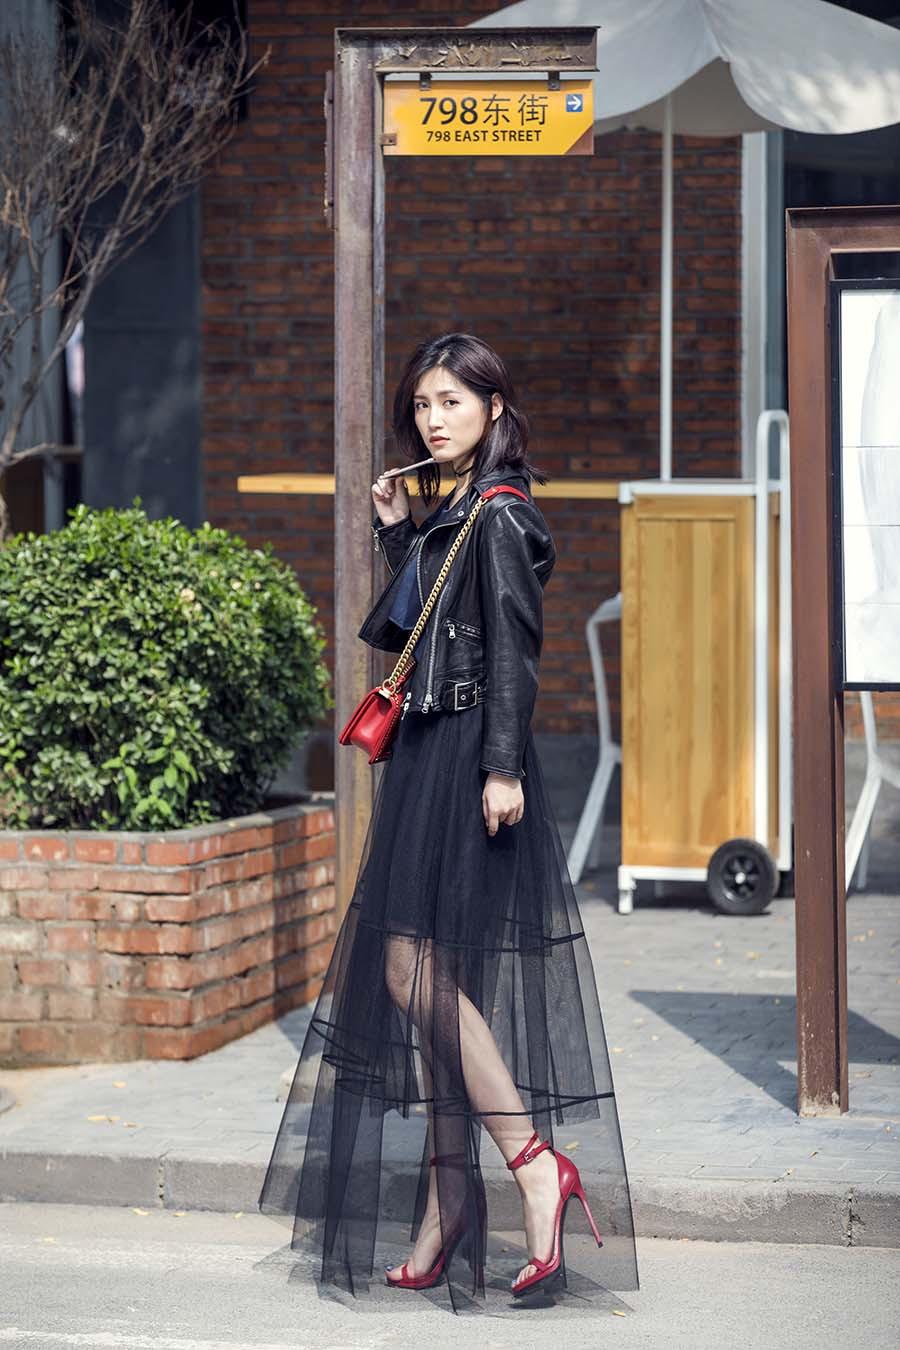 演员苏青曝光一组金属风街拍,照片中苏青身穿黑色皮衣,搭配黑纱长裙图片